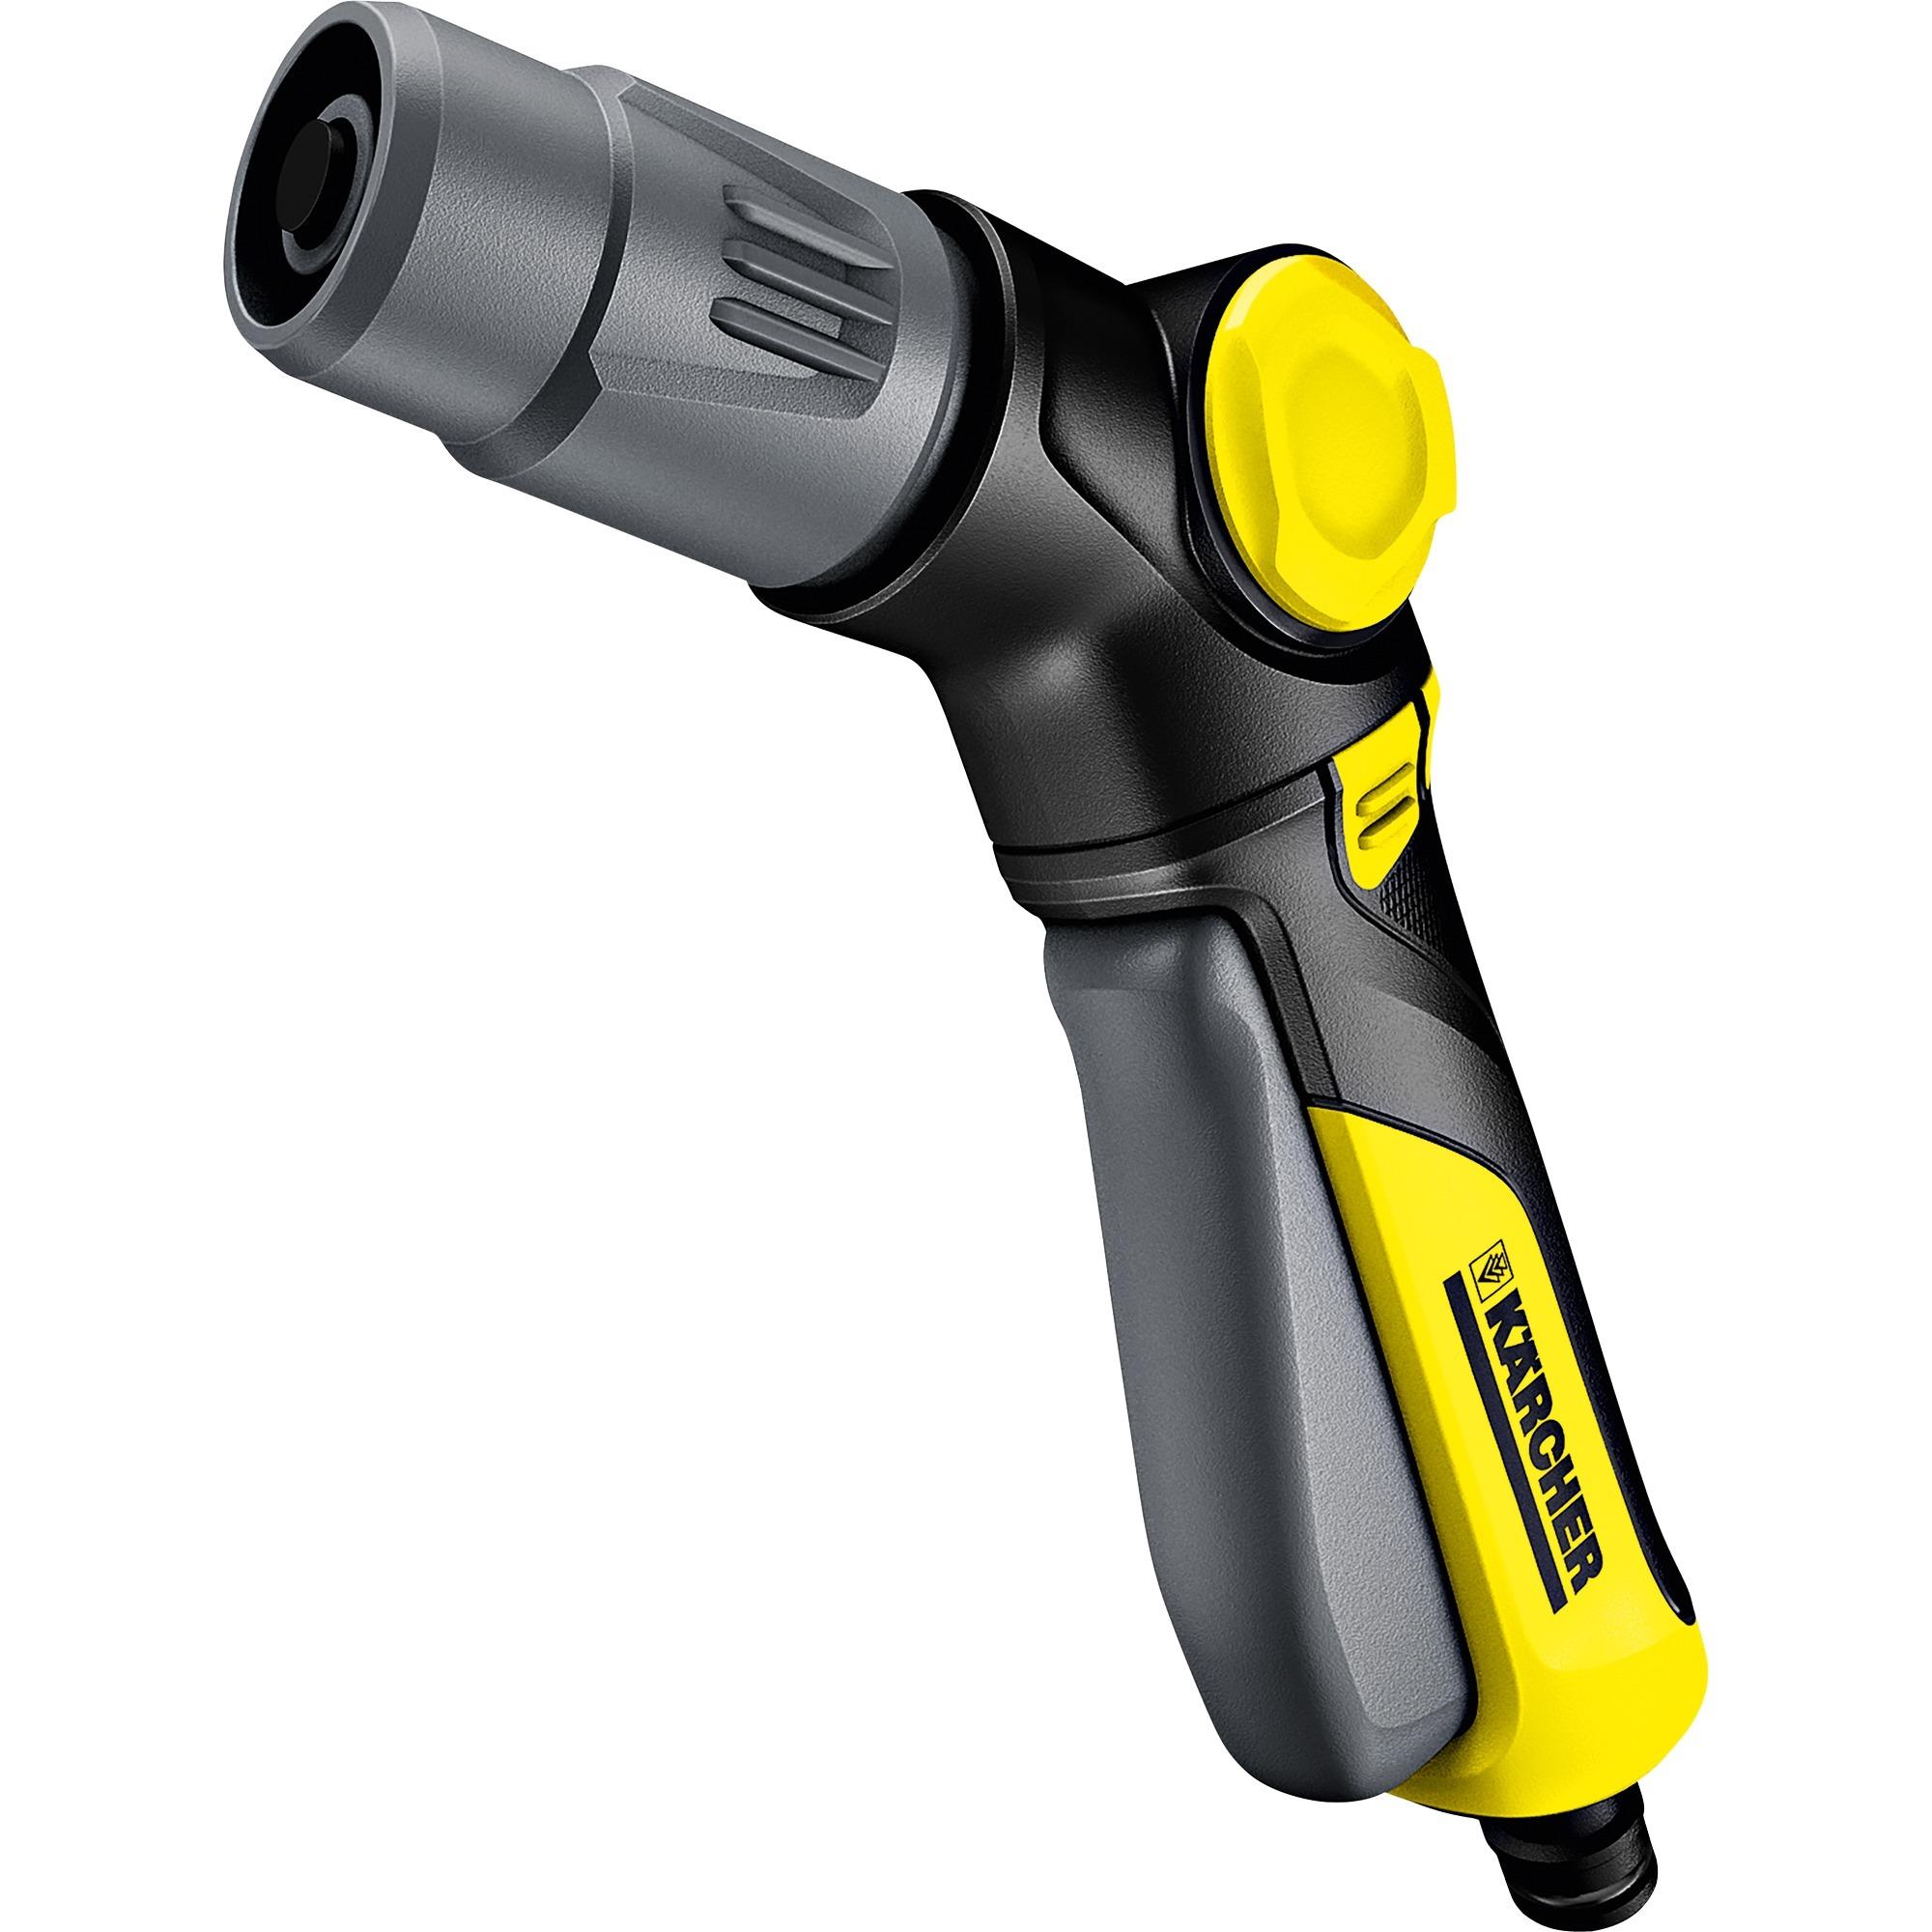 2.645-268.0 Garden water spray gun Negro, Gris, Amarillo pistola de pulverización de agua o boquilla, Inyección